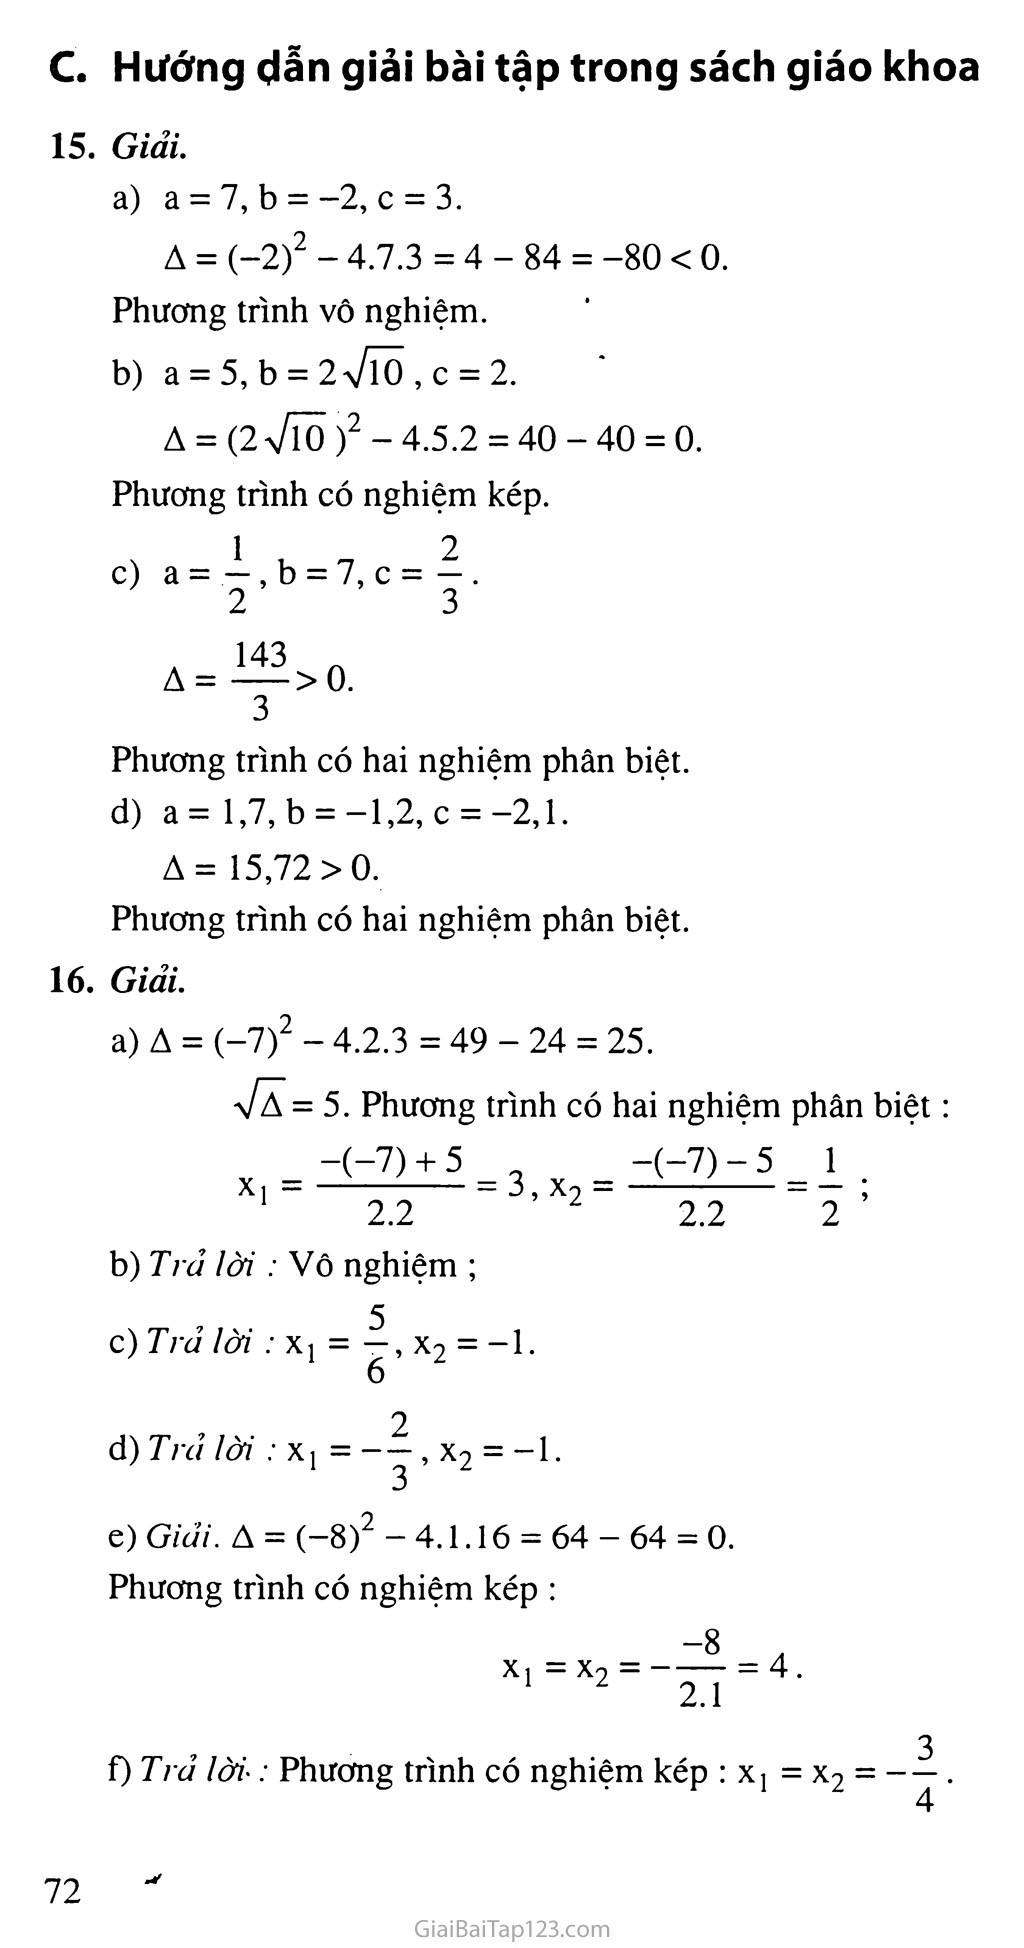 Bài 4. Công thức nghiệm của phương trình bậc hai trang 3